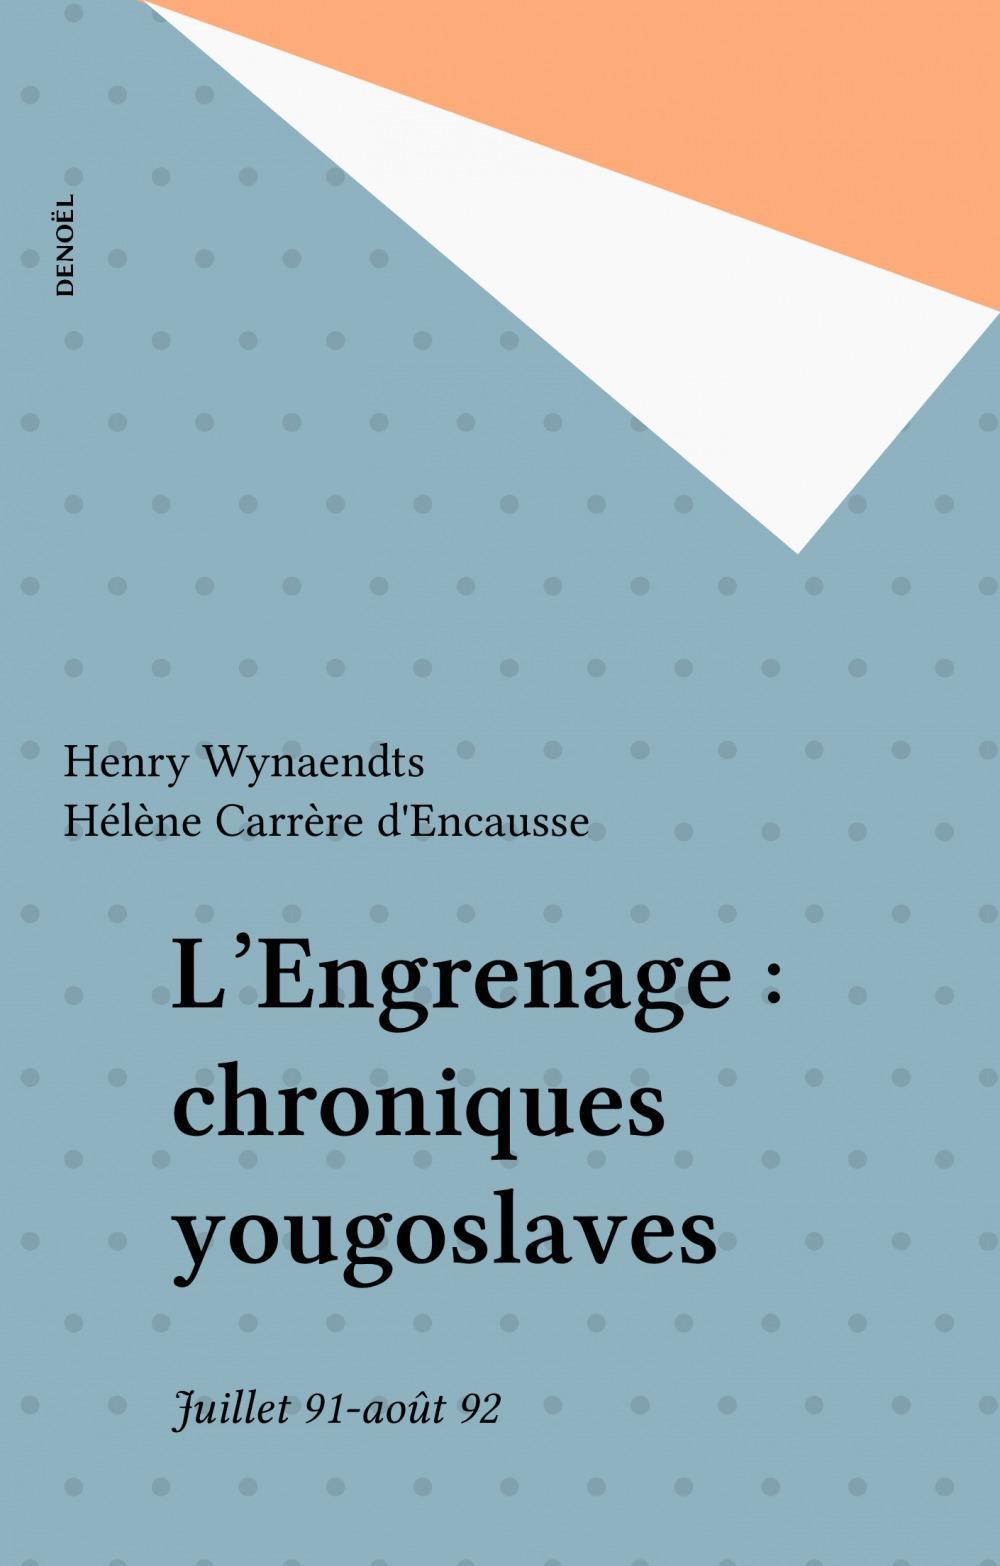 L'engrenage - chroniques yougoslaves (juillet 1991 - aout 1992)